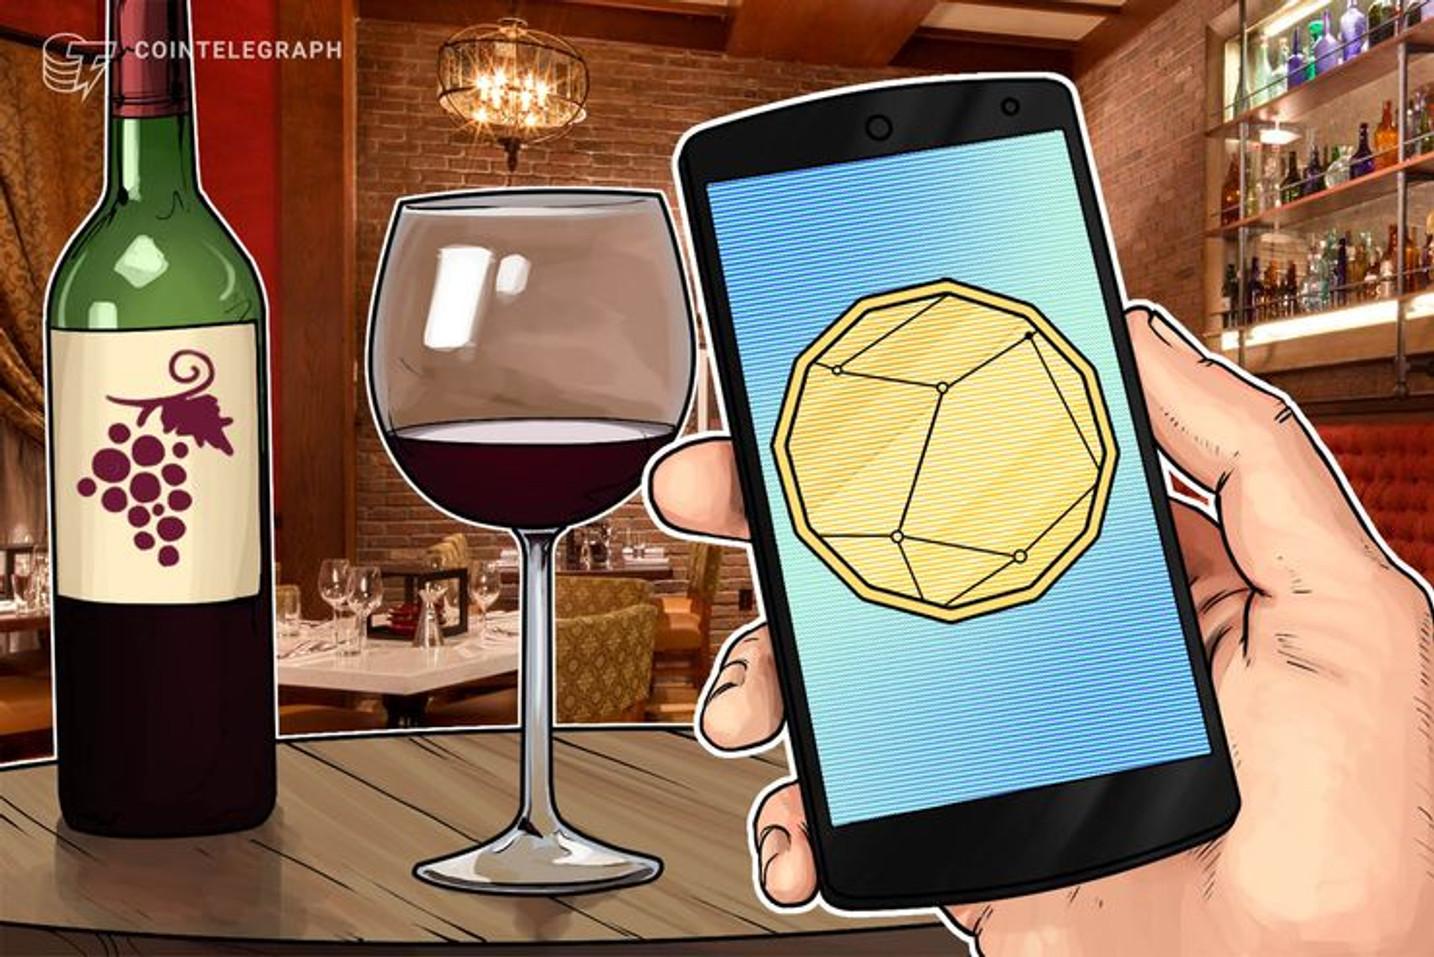 Open Vino anunció ICO del token MTB20 y el lanzamiento de la Dapp Viniswap